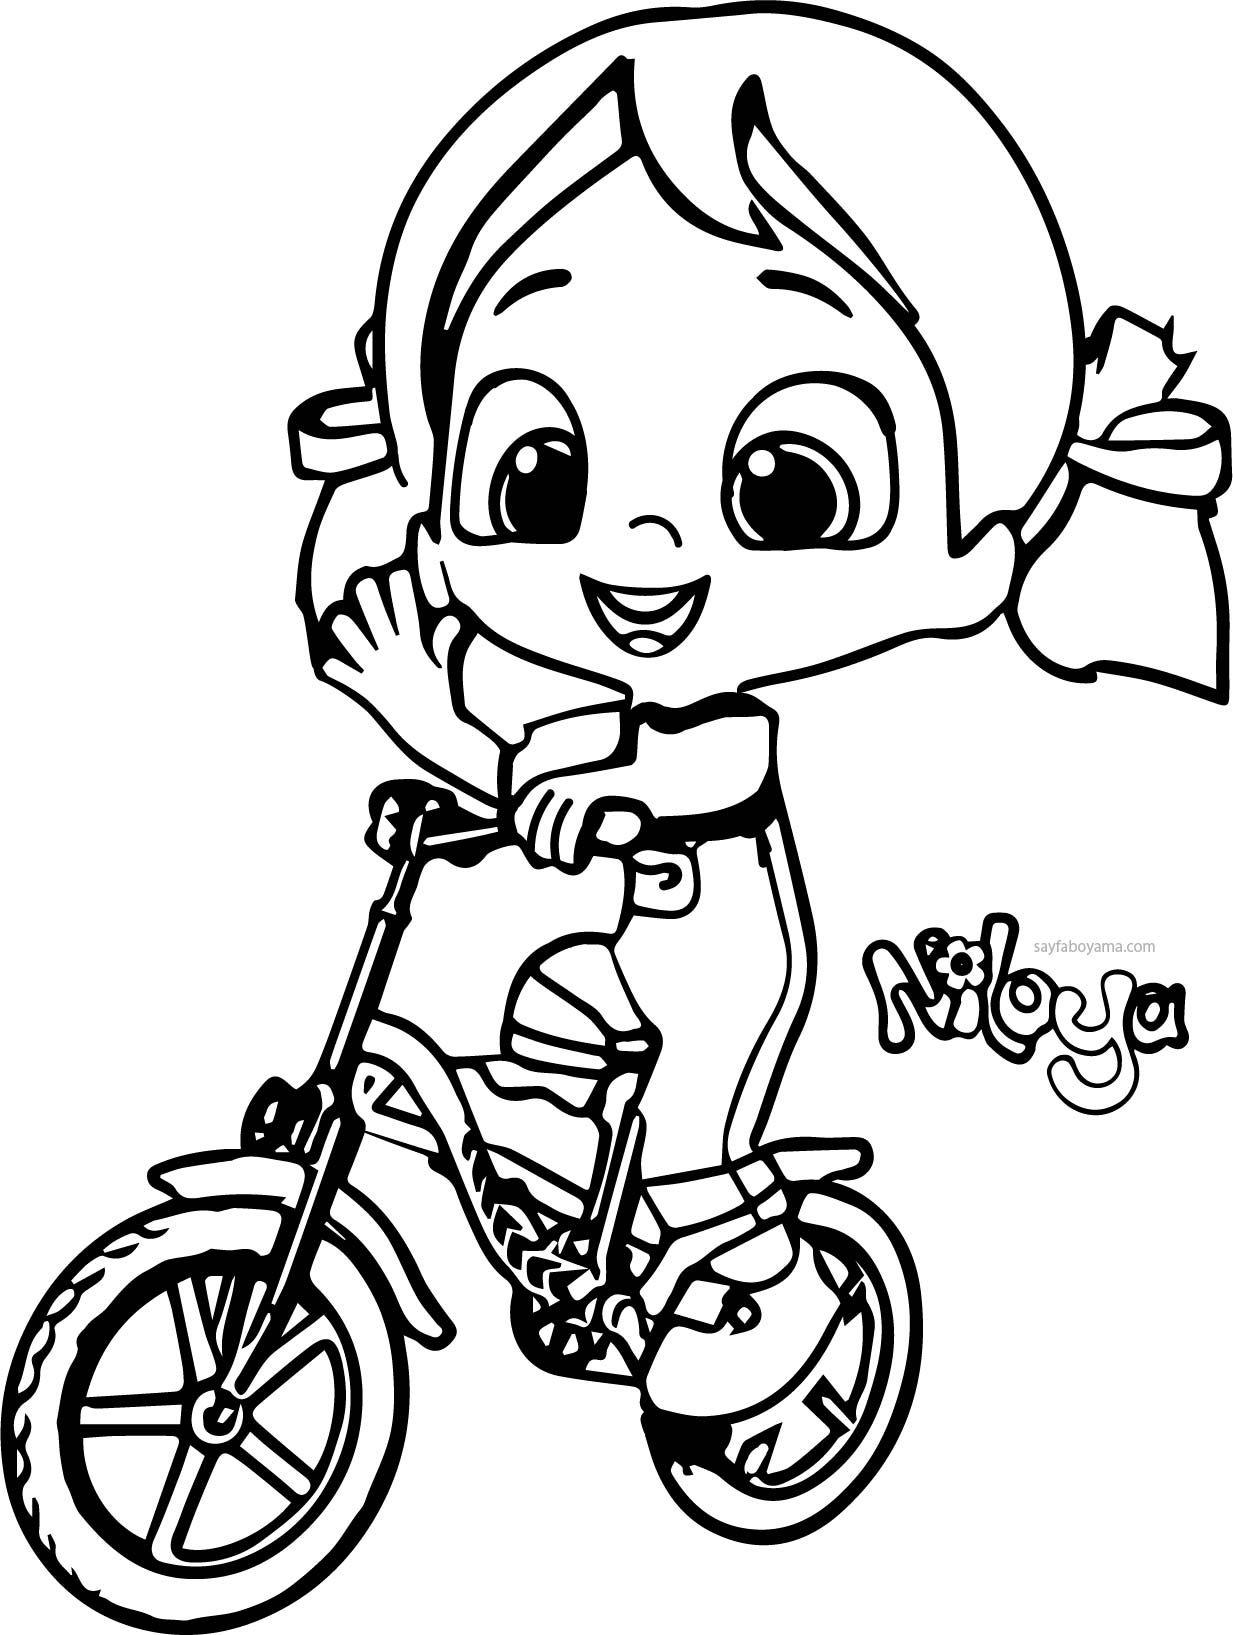 Niloya Bisiklet Kullaniyor Boyama Sayfasi Boyama Sayfalari